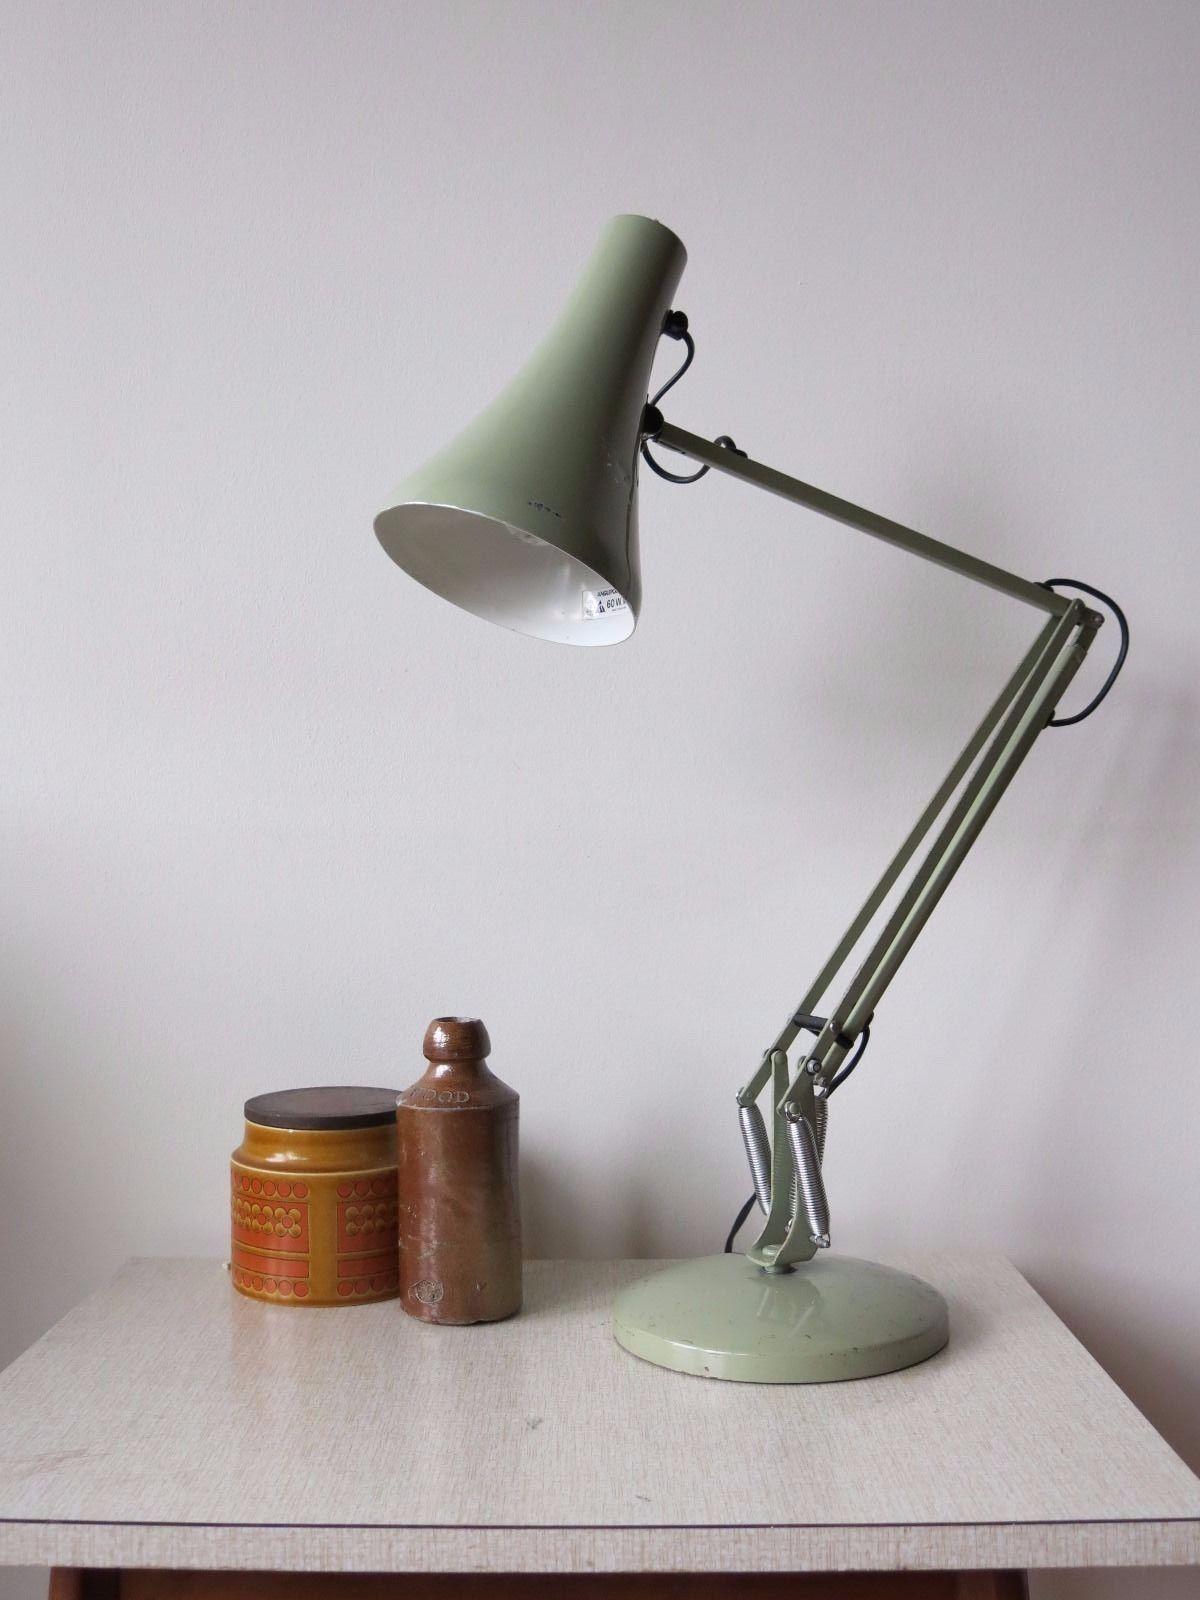 Vintage Fern Green Anglepoise Model 90 Desk Lamp Desk Lamp Anglepoise Anglepoise Lamp